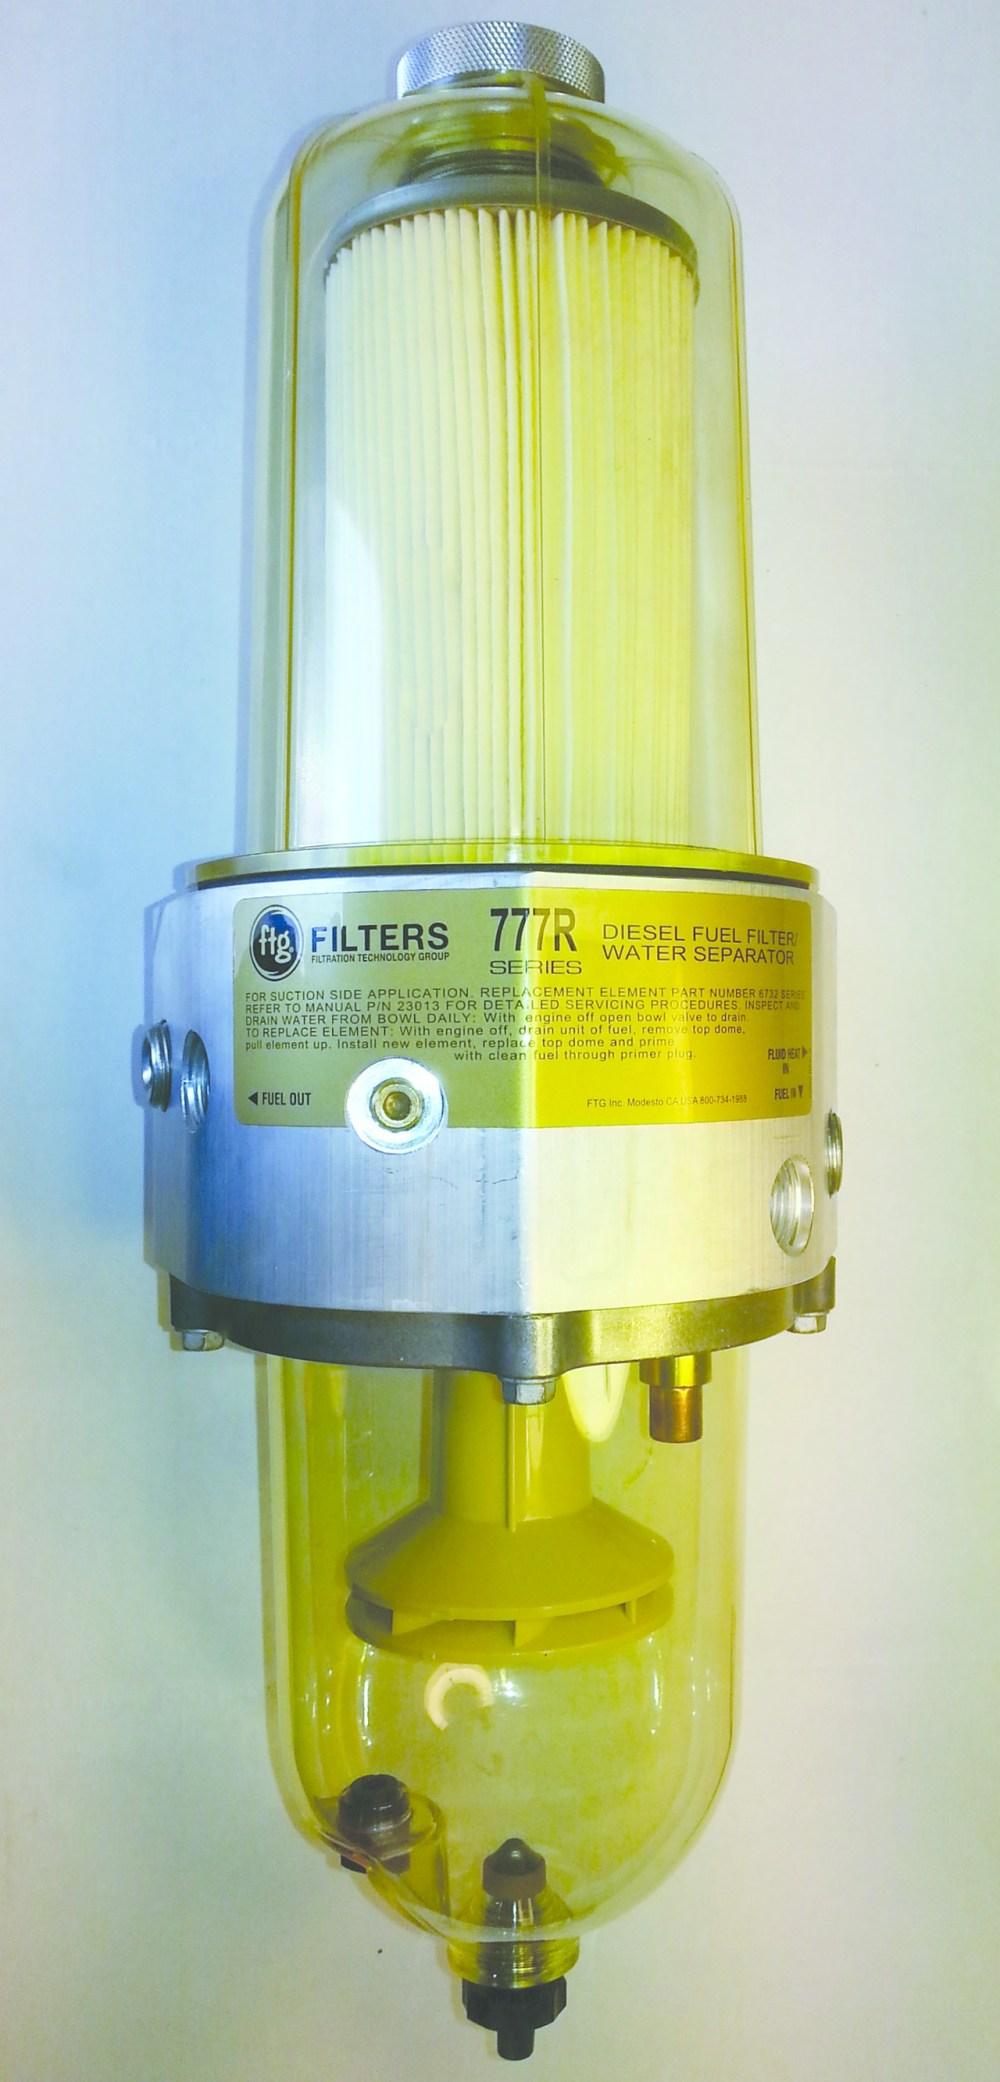 medium resolution of ftg fuel filter water separator heater 777r 5489eff111077